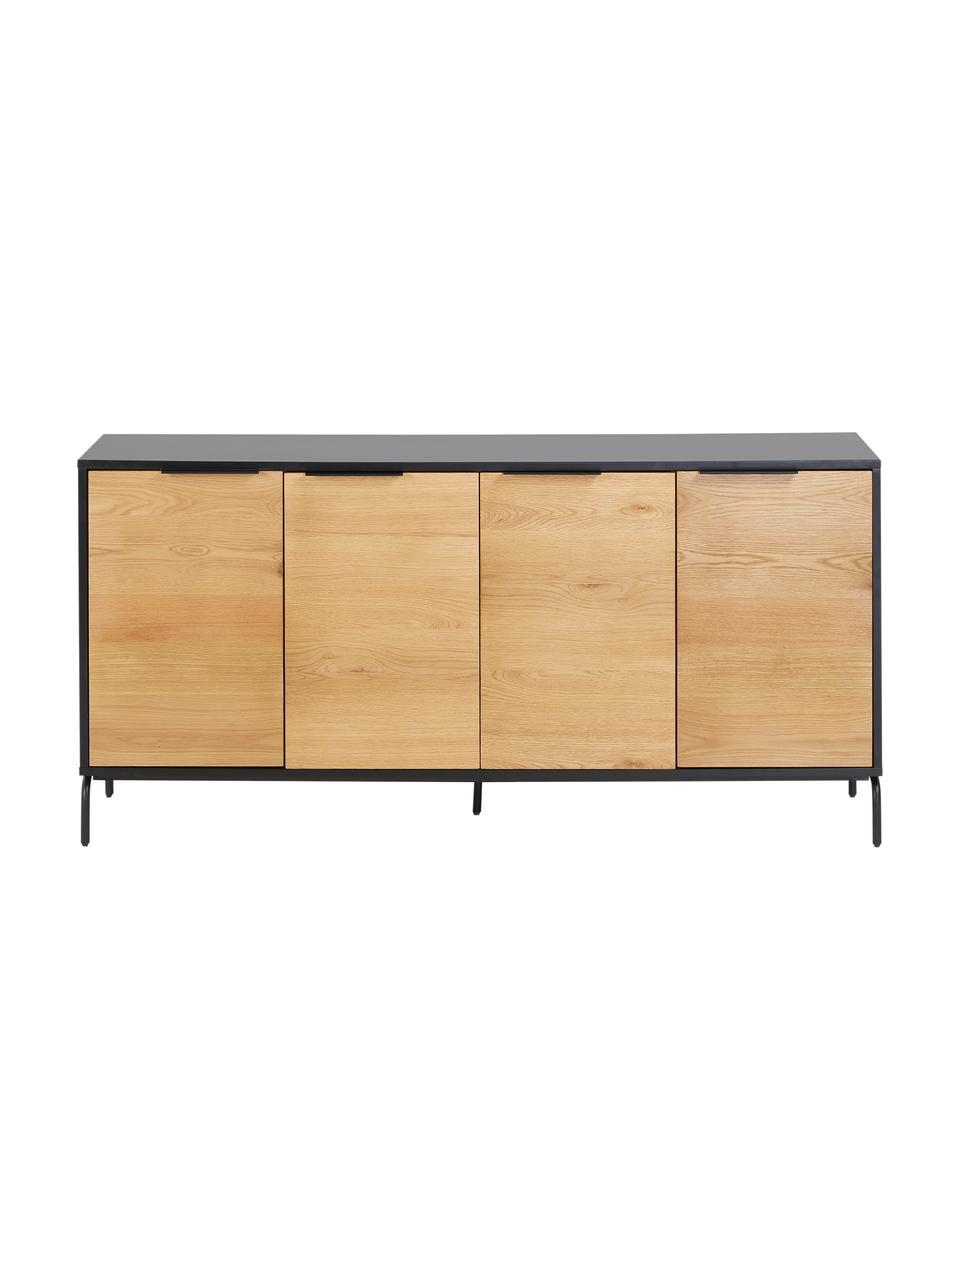 Sideboard Stellar mit Türen aus Eichenholzfurnier, Korpus: Mitteldichte Holzfaserpla, Schwarz, Eichenholz, 165 x 80 cm